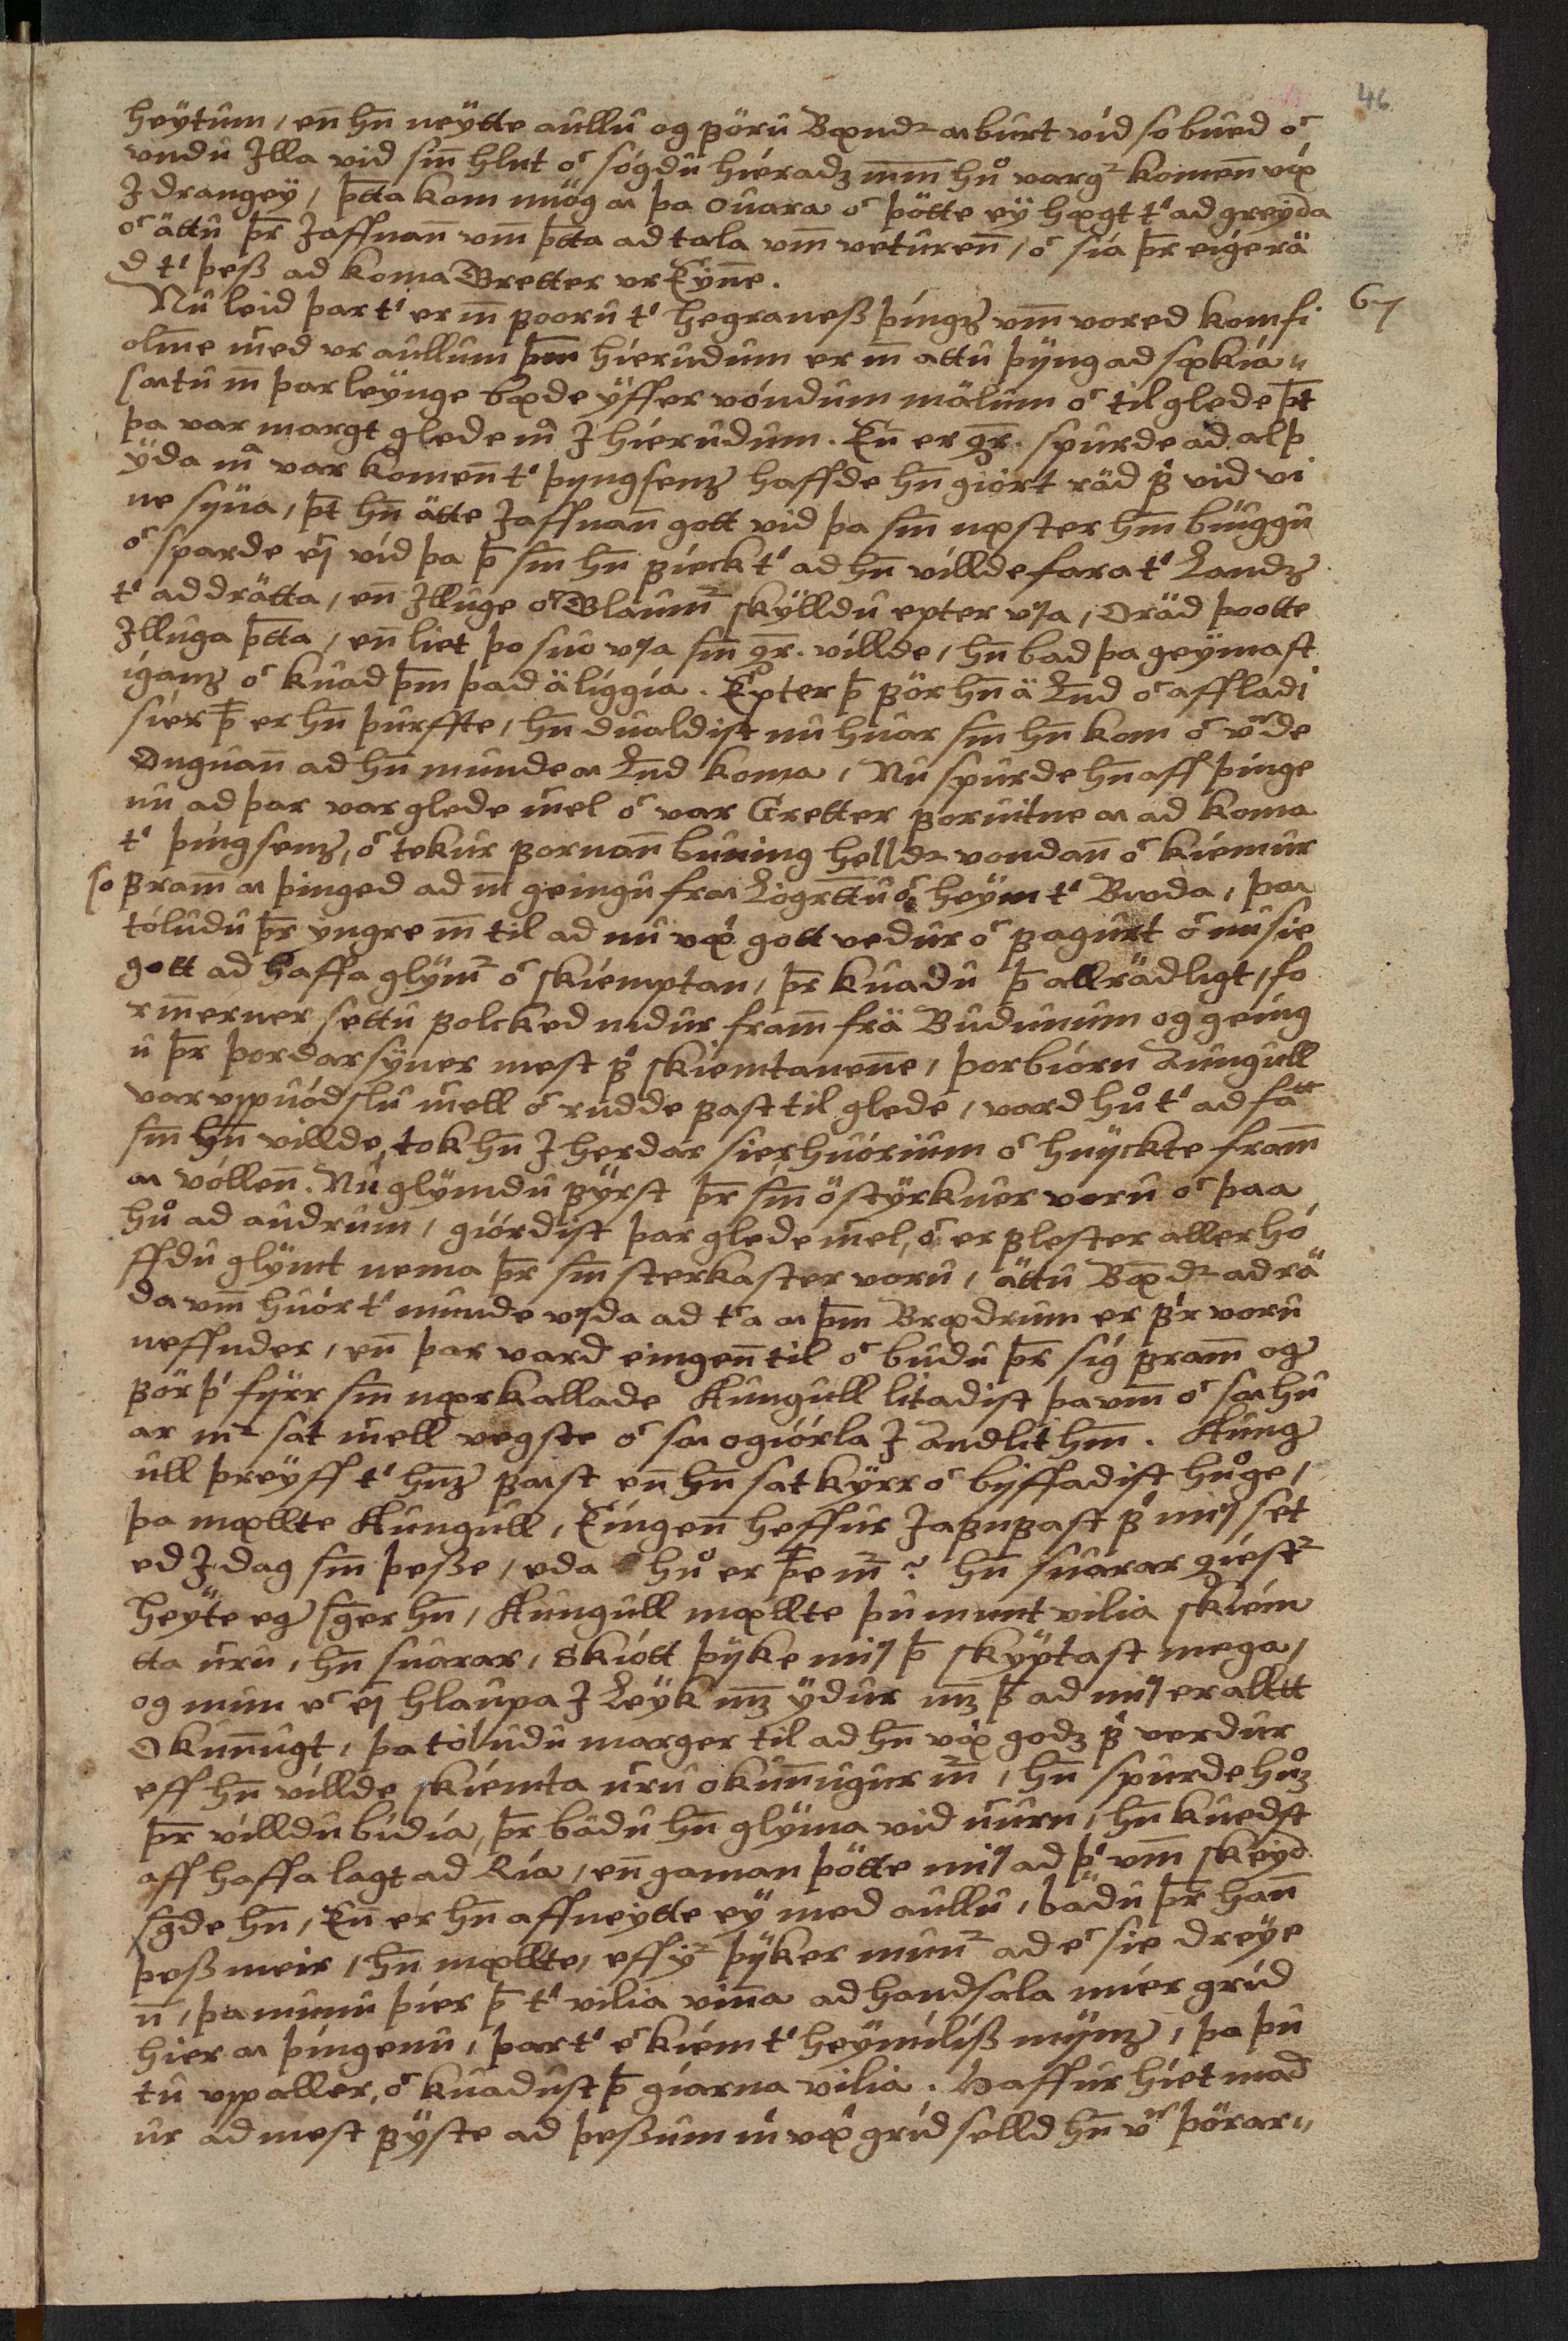 AM 151 fol - 46r